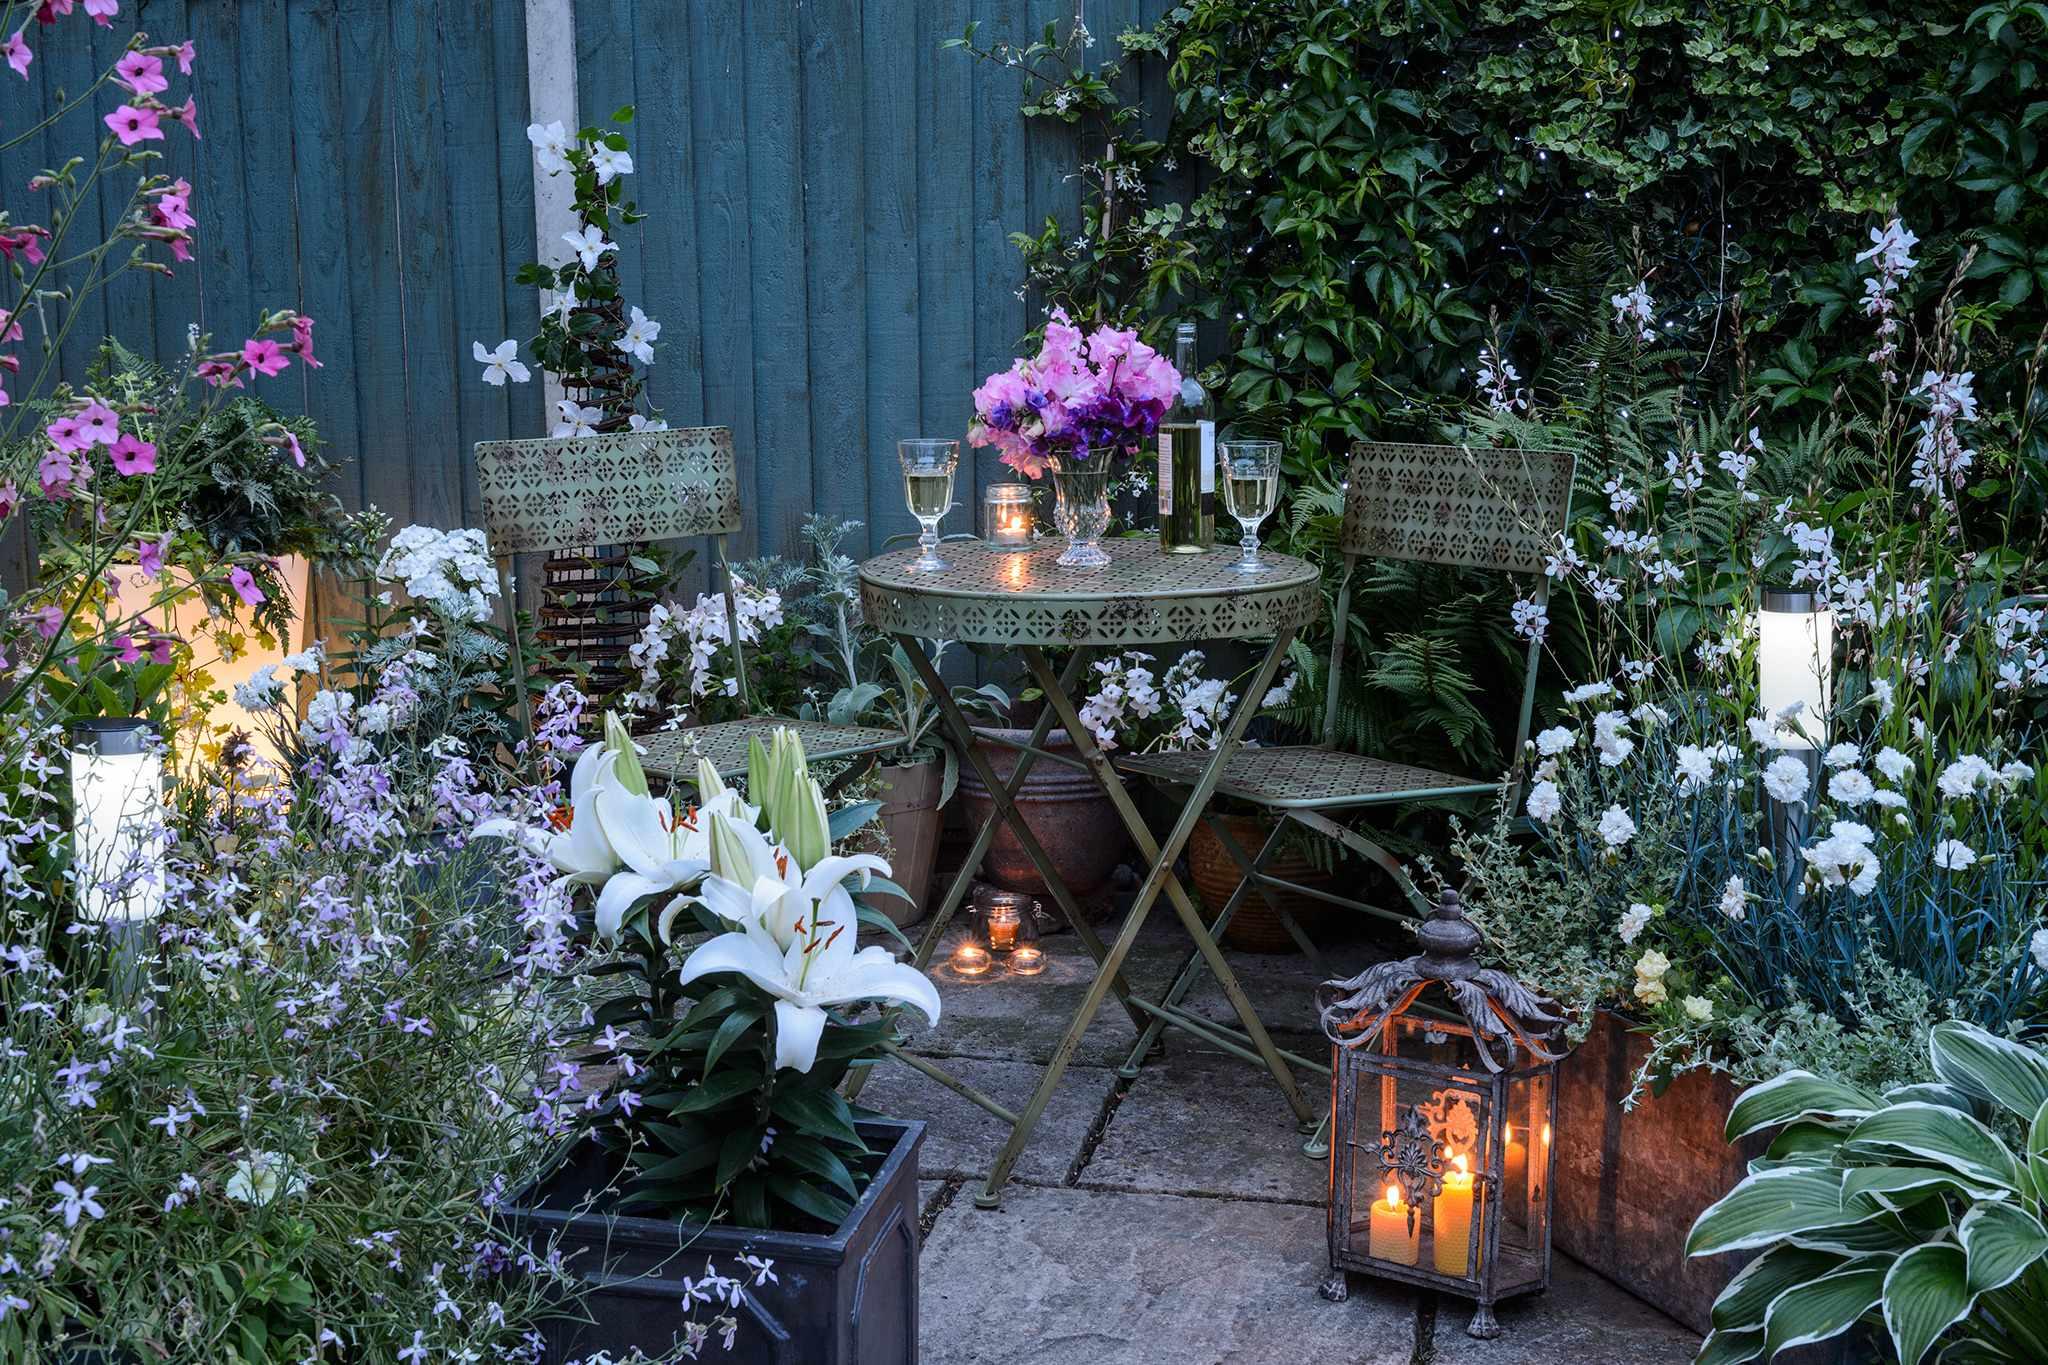 Tips for Creating a Night Garden